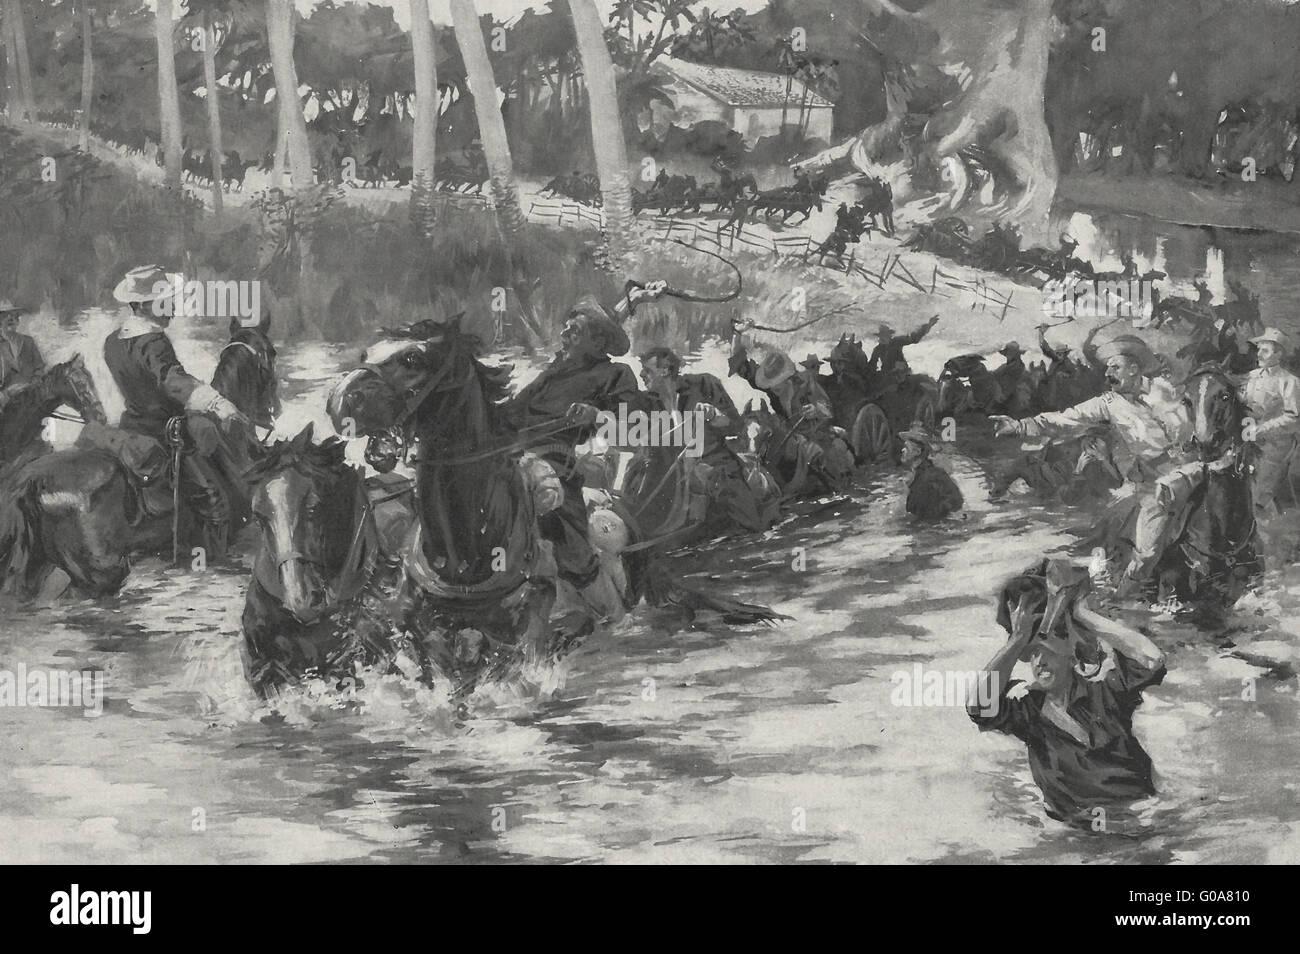 Marzo di Stati Uniti artiglieria su quasi strade impraticabili durante la spagnola guerra americana, 1898 Immagini Stock